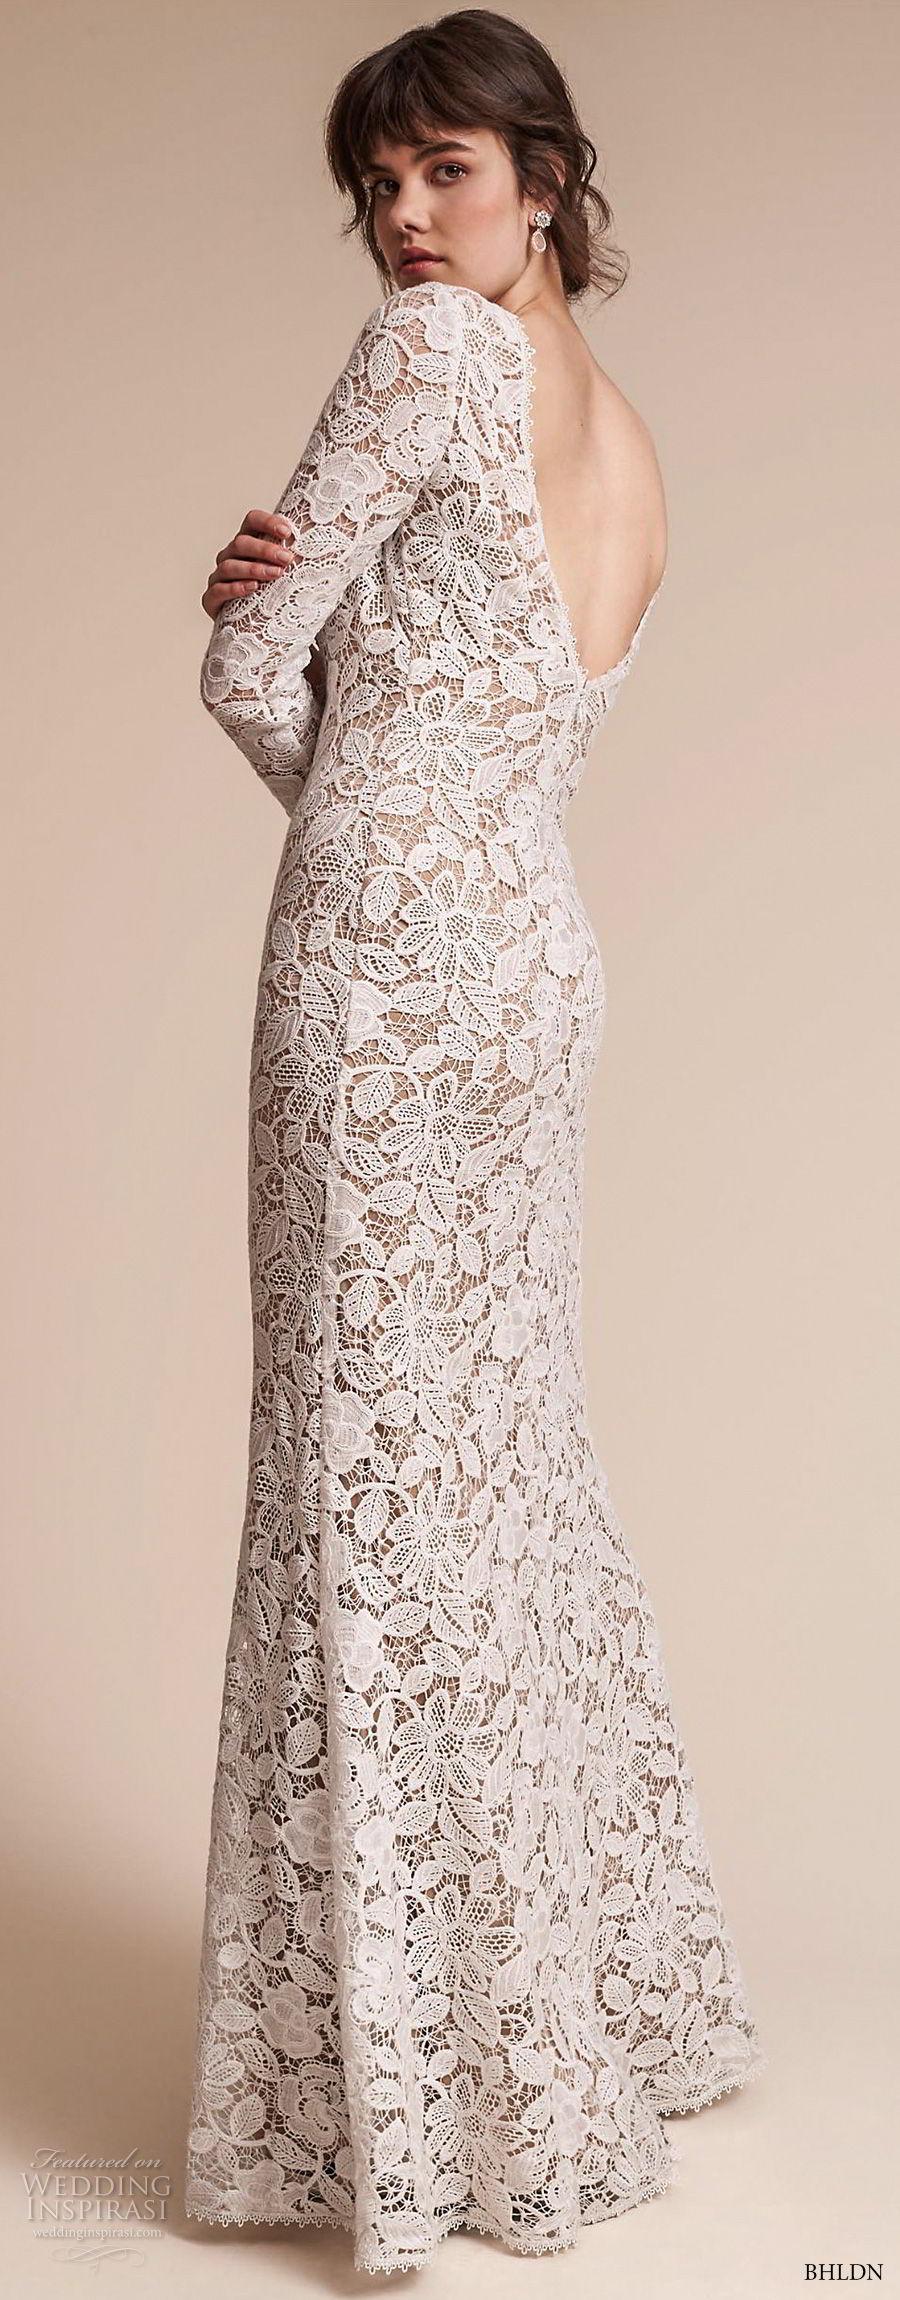 Bhldn Used Wedding Dress 82 Trend bhldn fall americana bridal